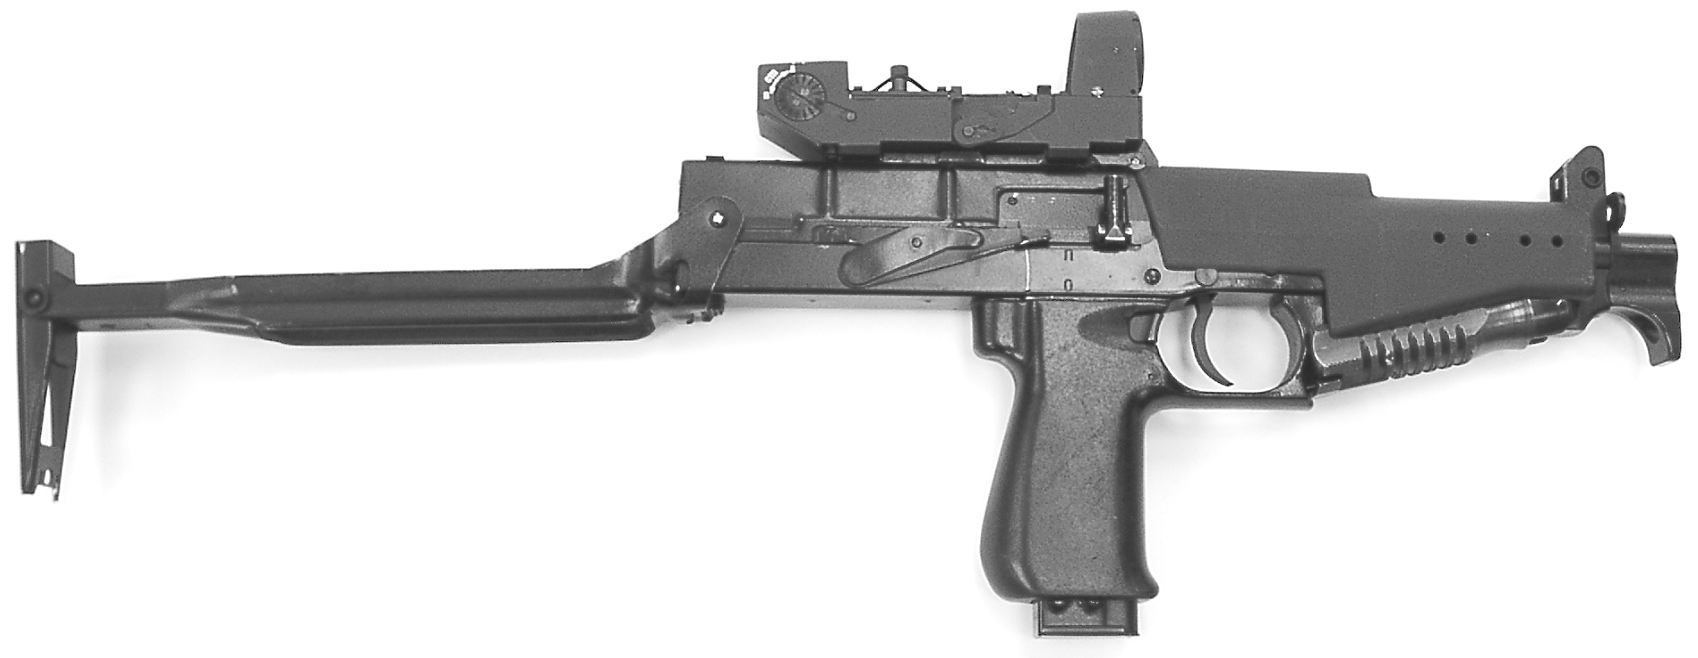 Рисунок 1.1-Пистолет-пулемет  СР2М с коллиматорным прицелом и откинутым прикладом